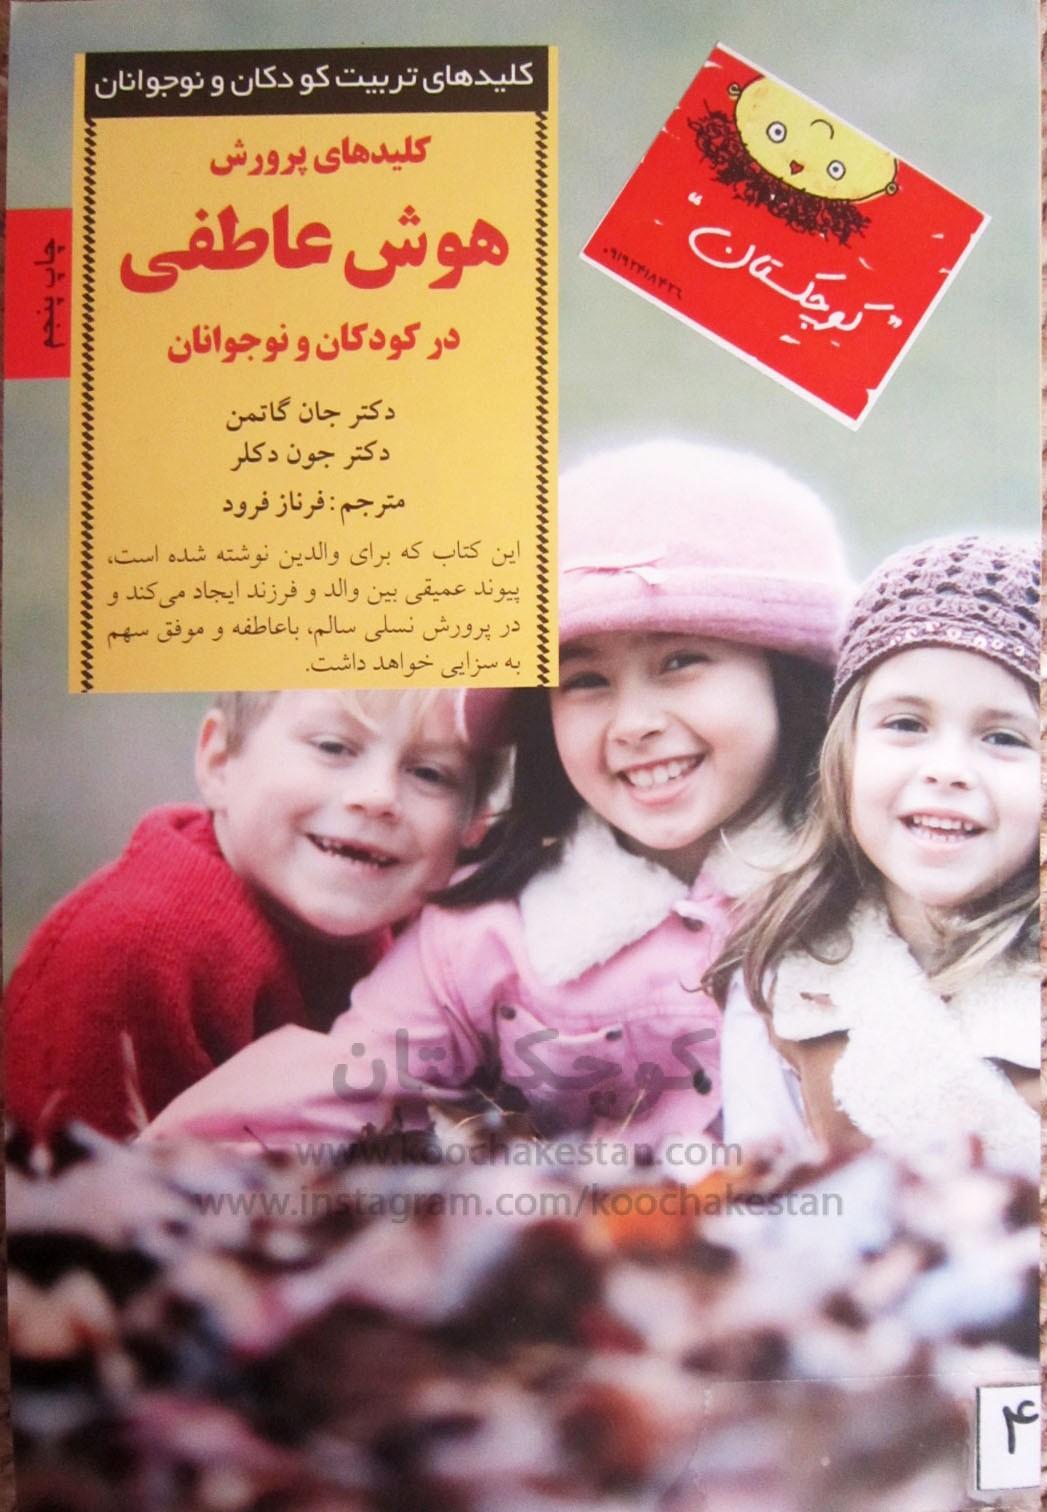 کلیدهای پرورش هوش عاطفی در کودکان و نوجوانان - کتابخانه کودک - کوچکستان